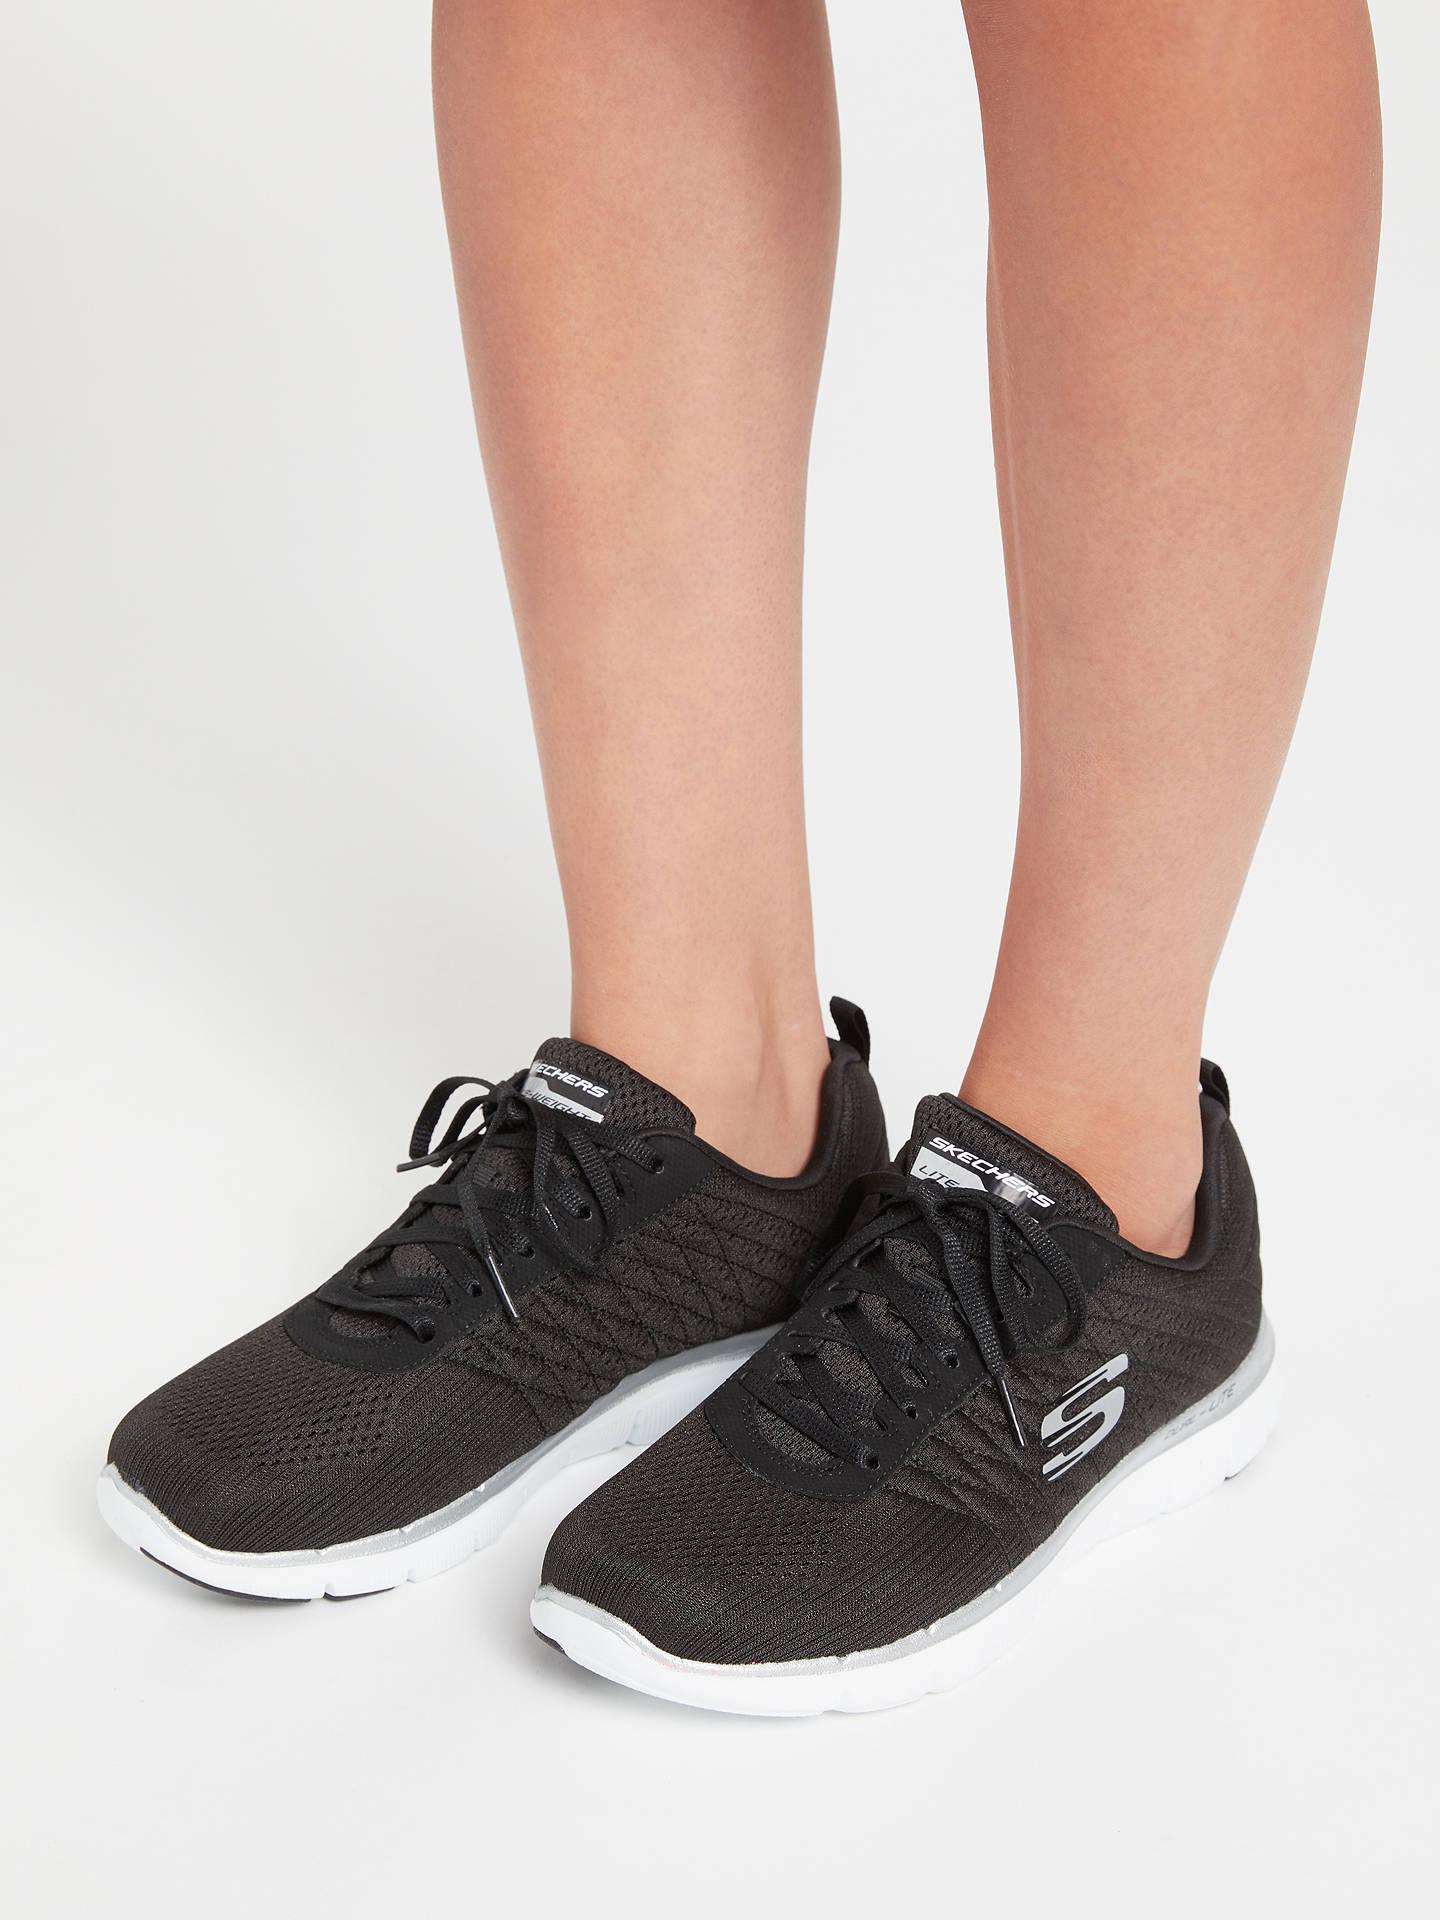 Skechers Womens Black Flex Appeal 2.0 Break Free Trainers in